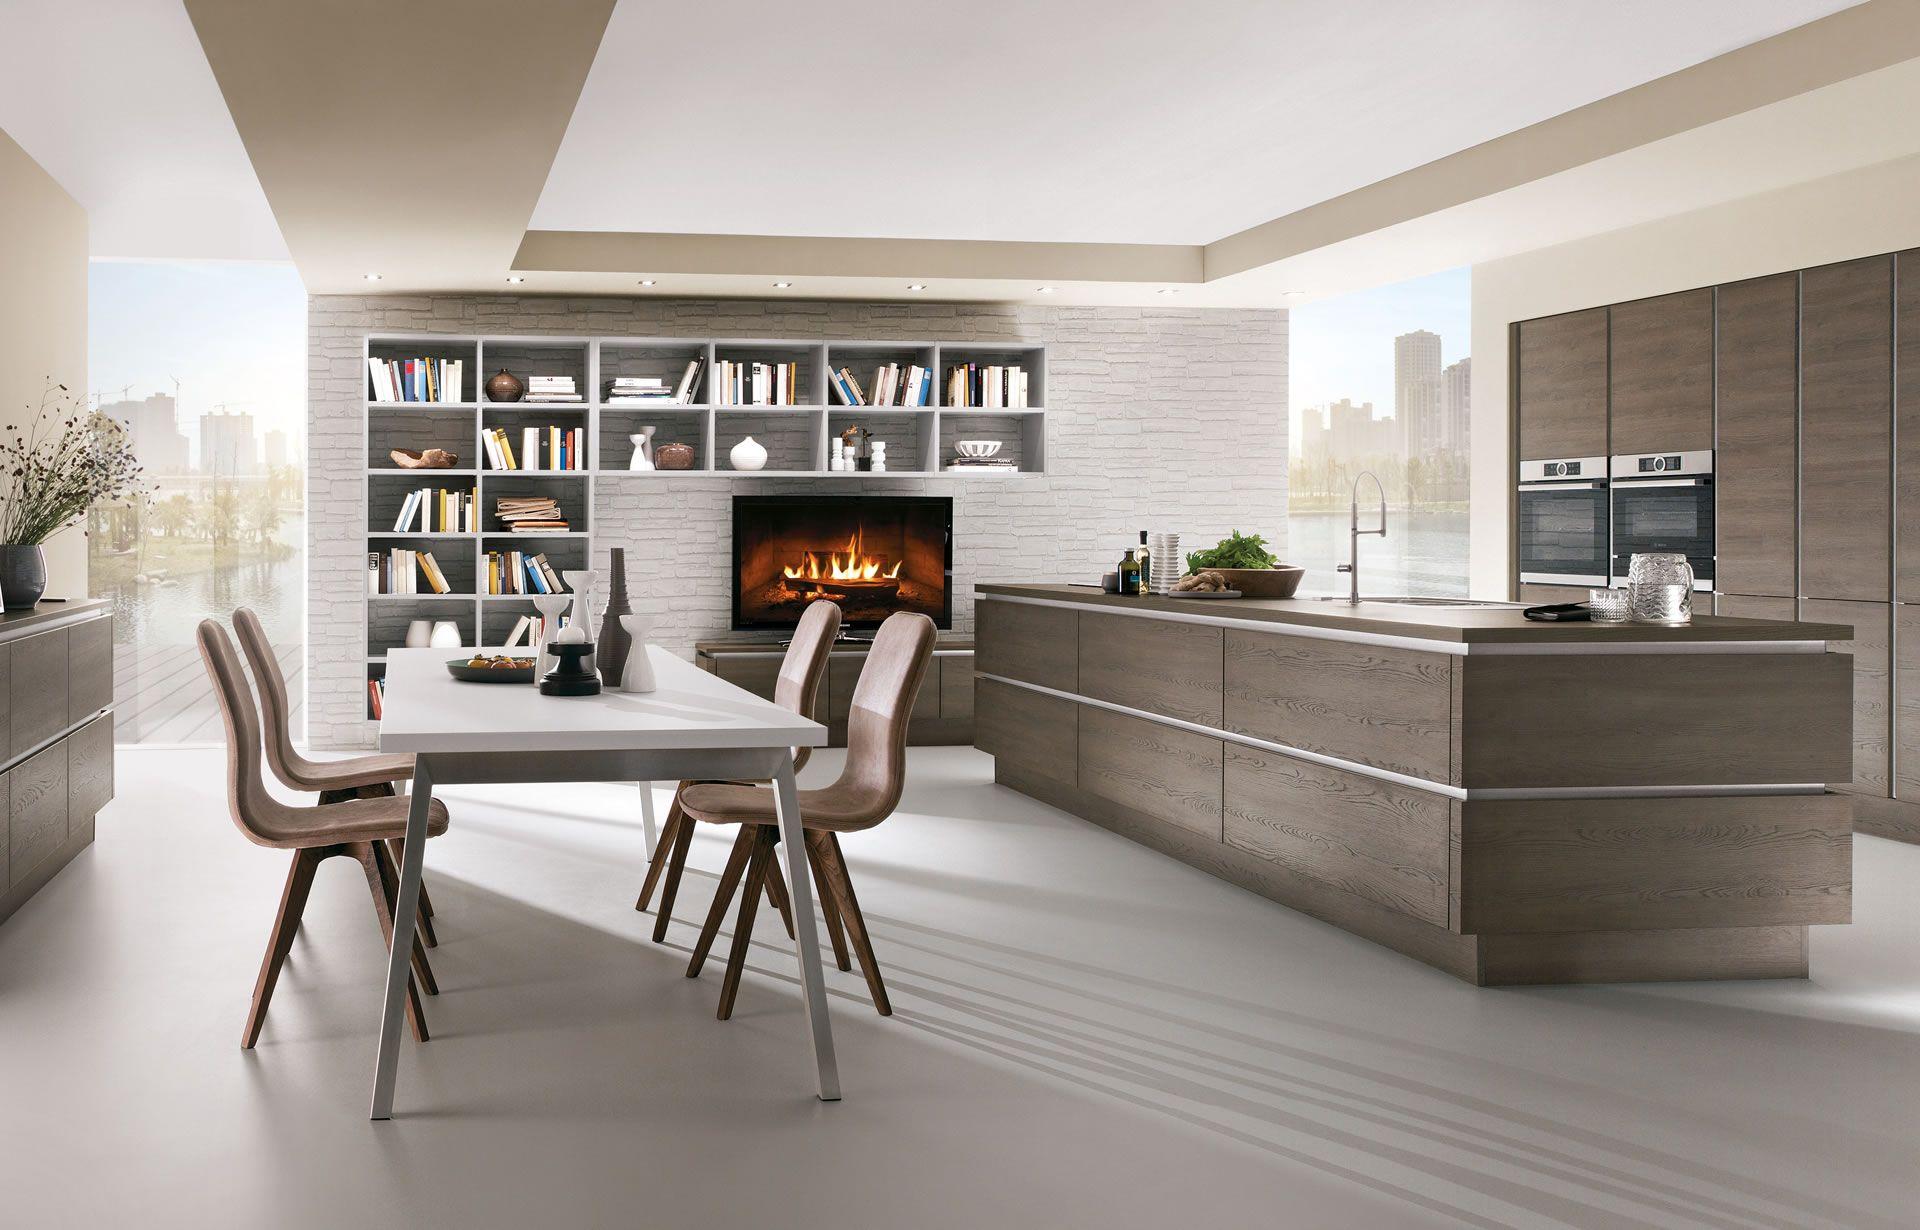 nobilia küchen online kaufen bewährte pic der fafbdfdbbcaf jpg